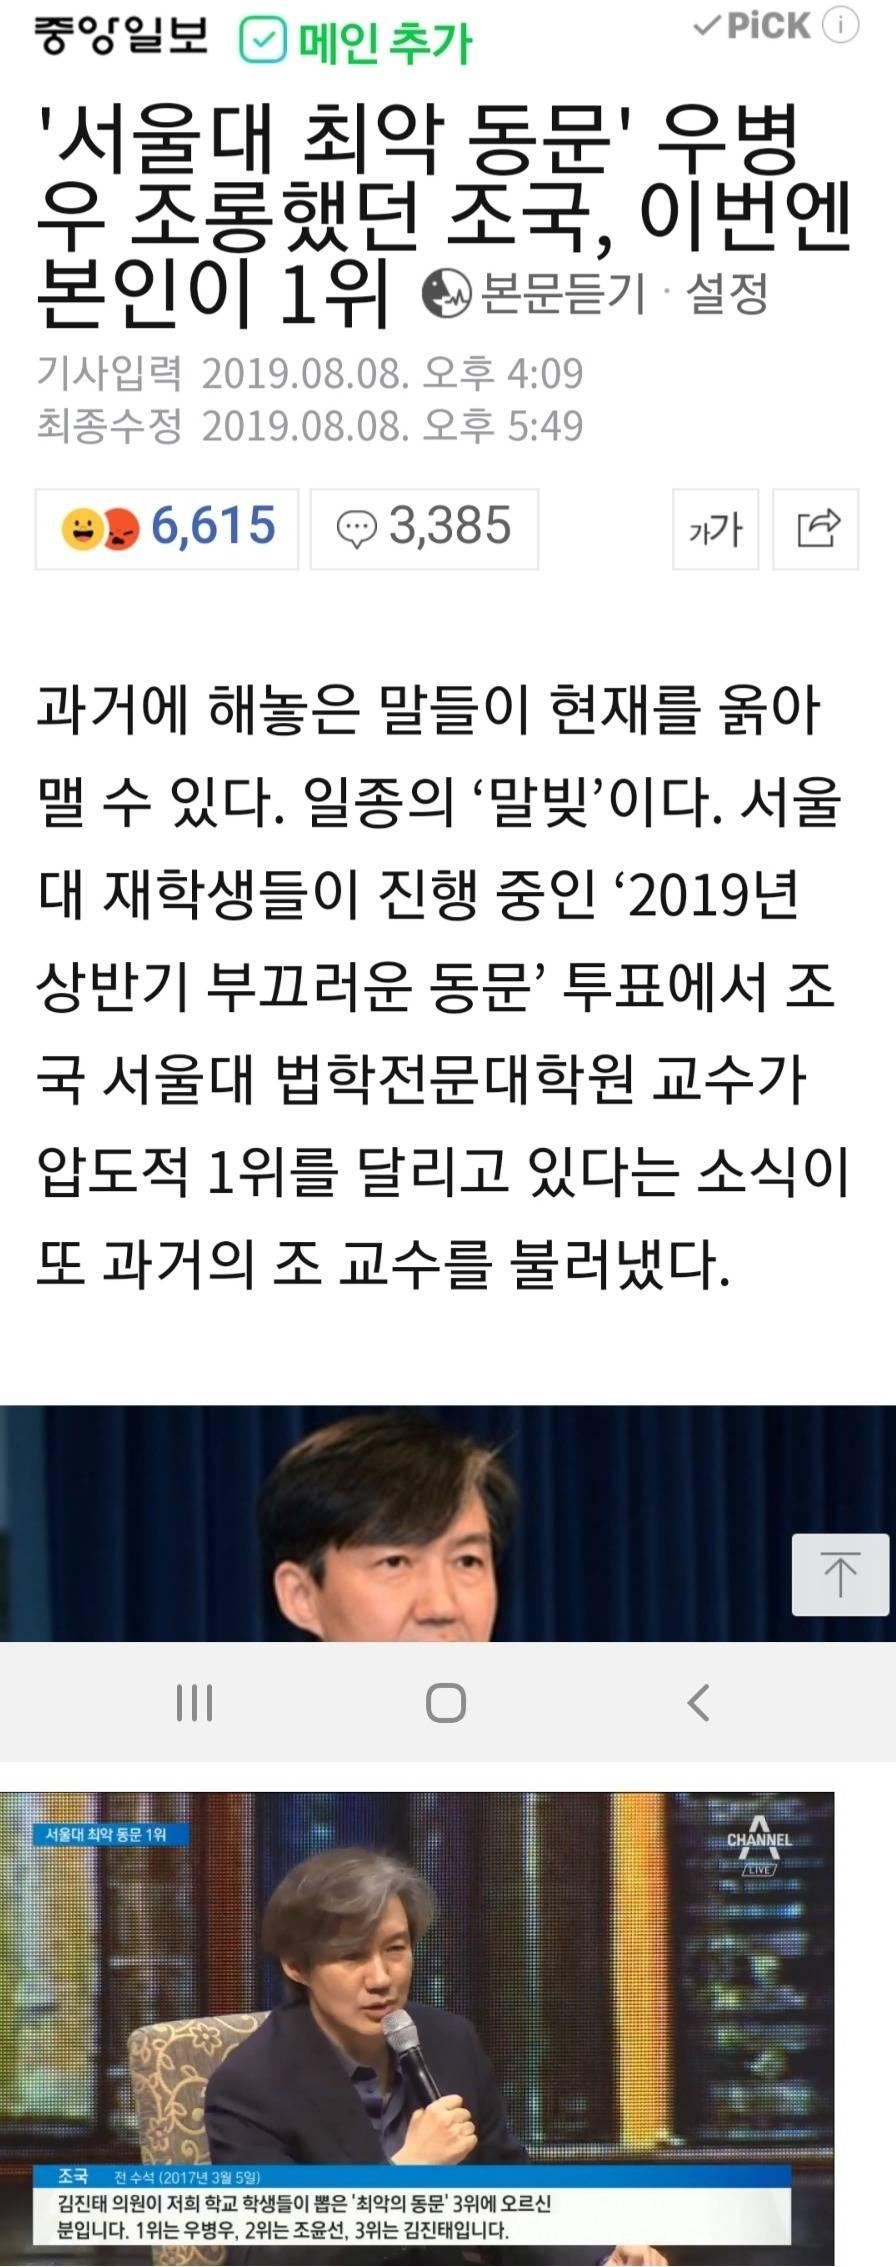 2019년 상반기 서울대 부끄러운 동문 압도적 1위